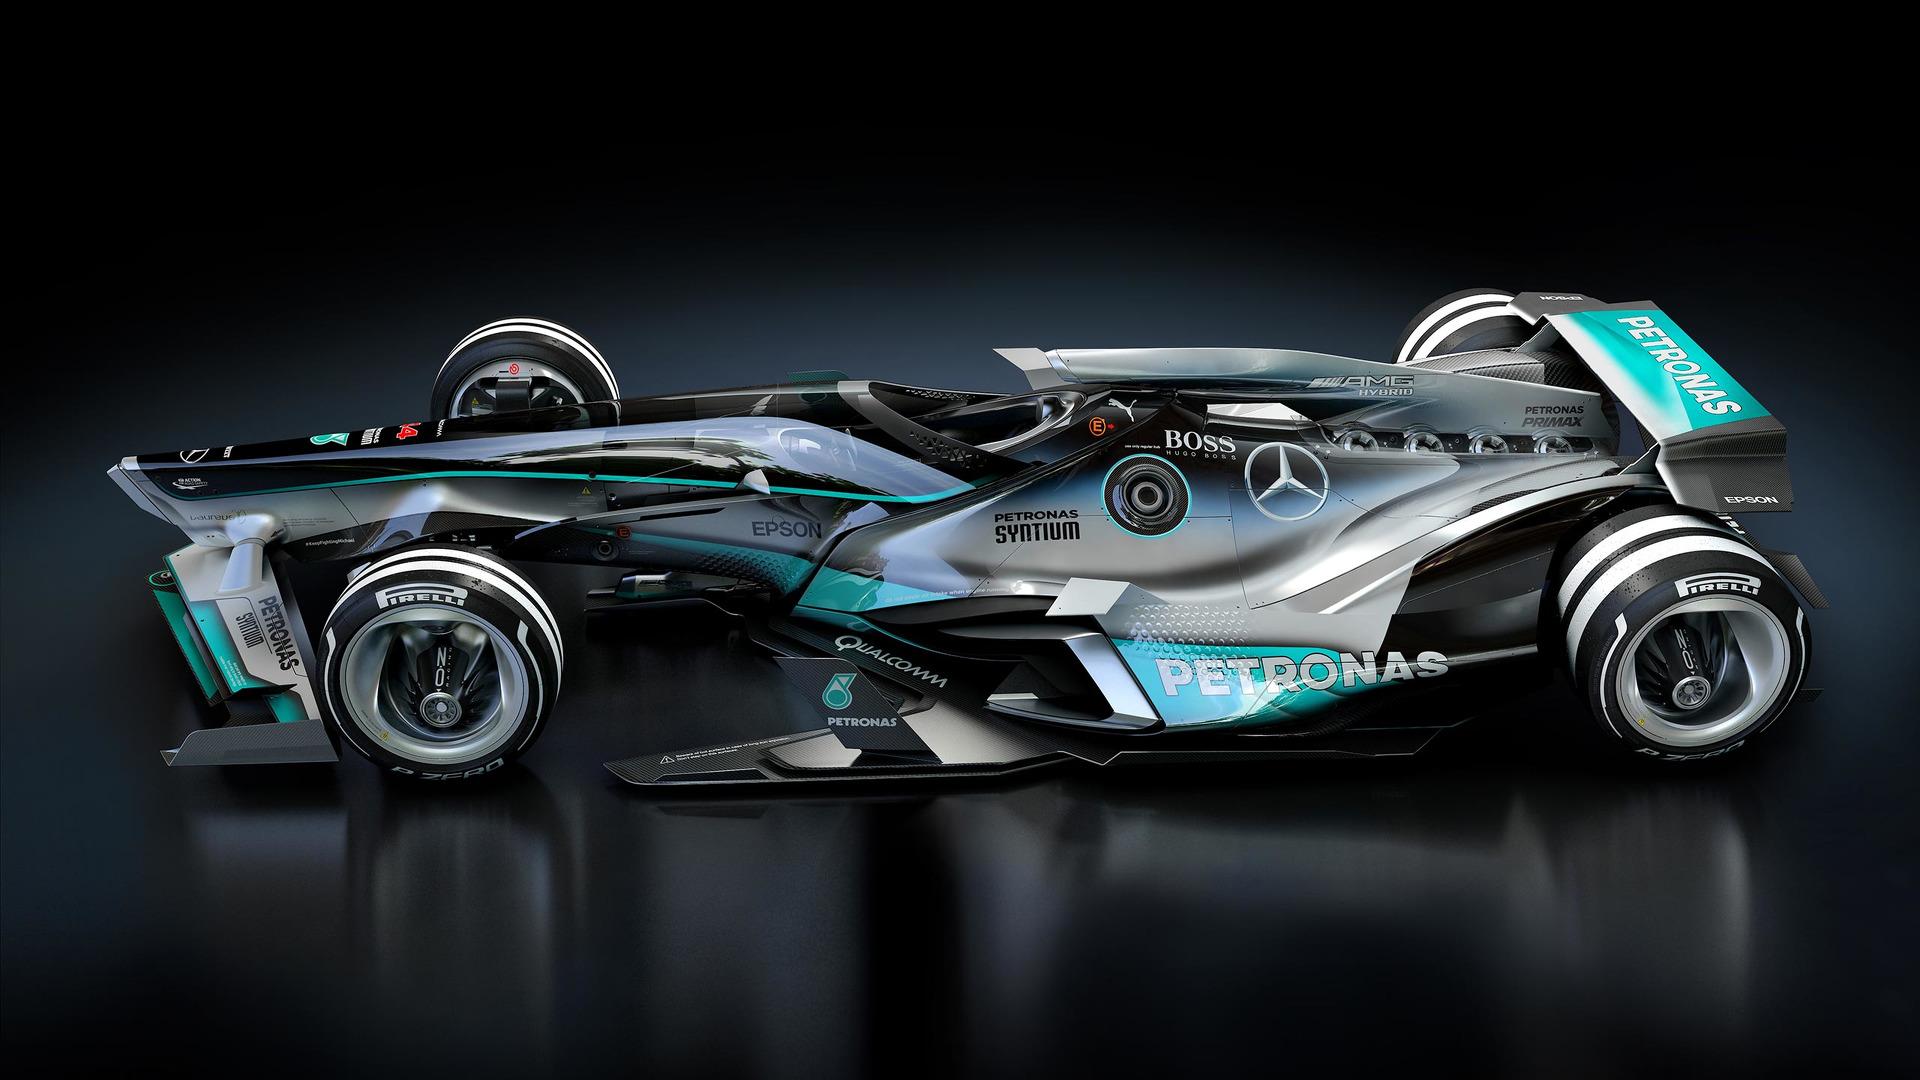 Future of F1?